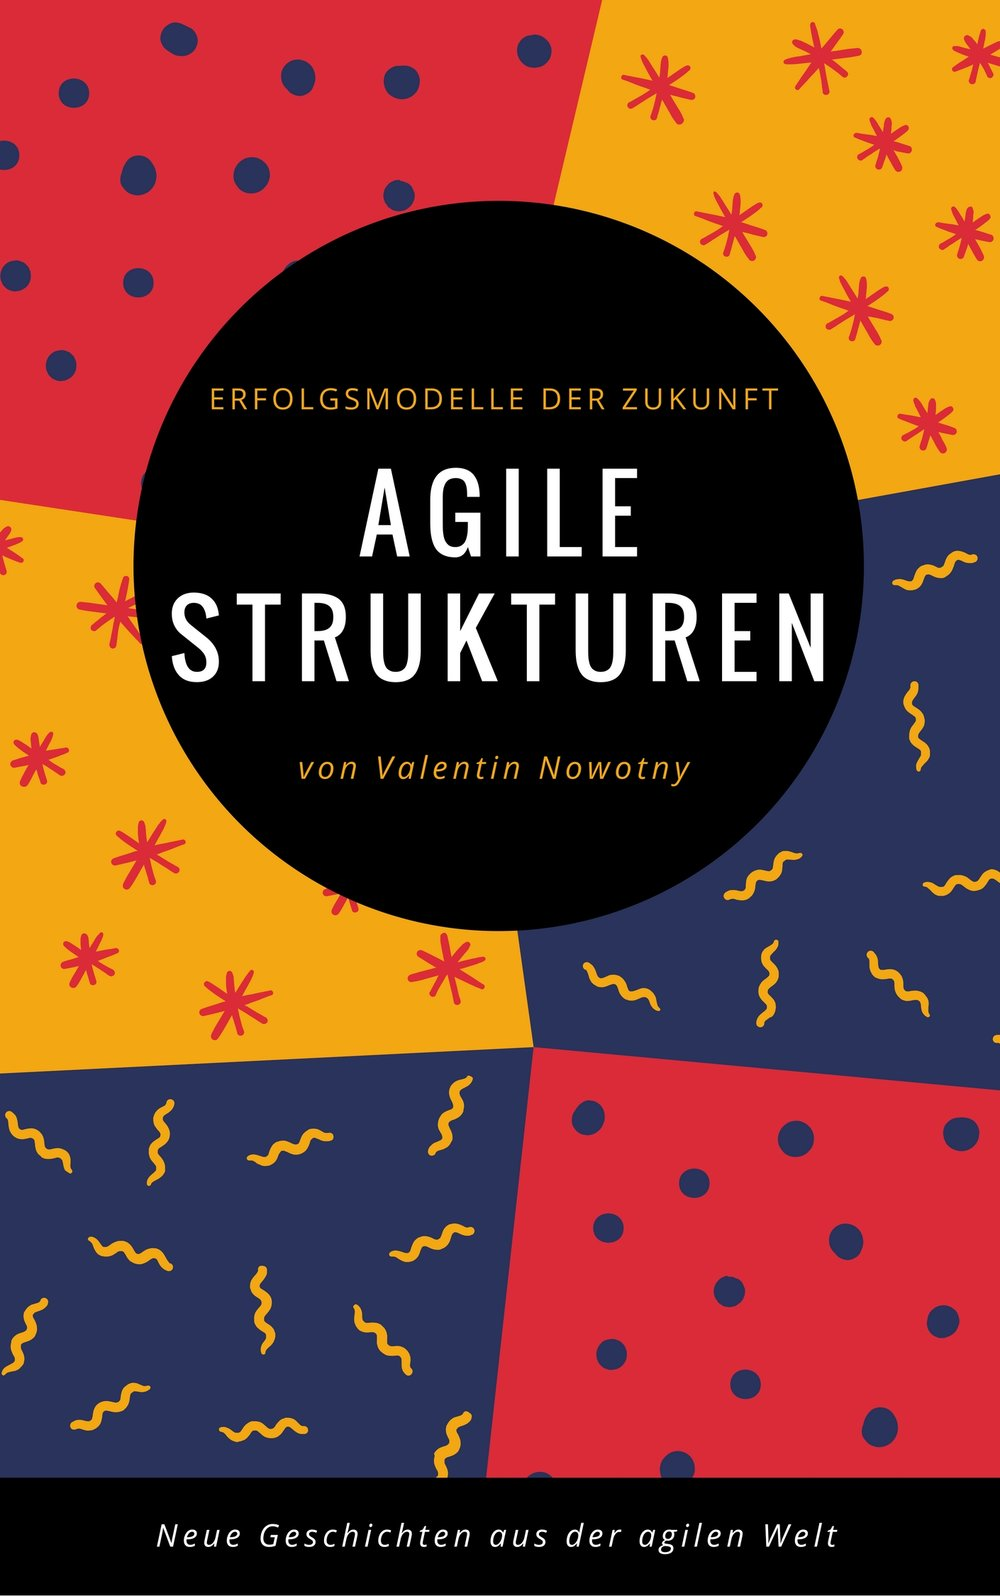 Agile Strukturen.jpg